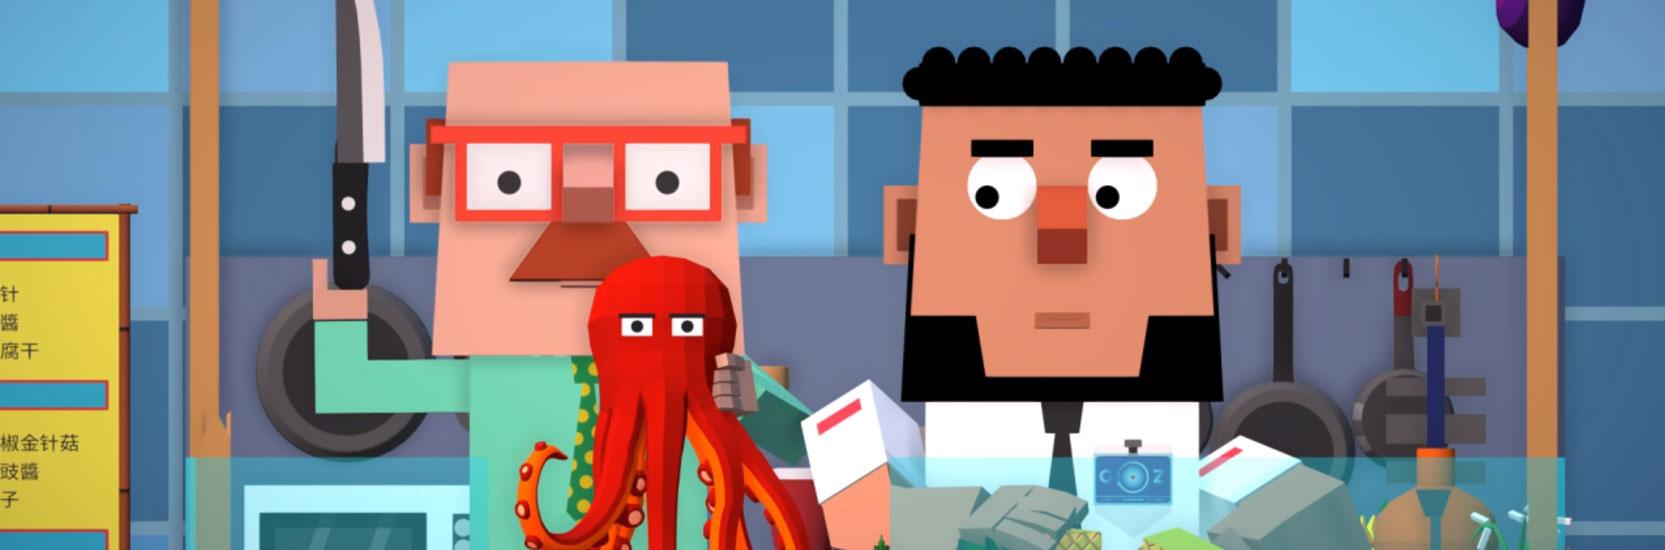 «Globozone», la web série de Gangpol & Mit, est disponible sur Arte !